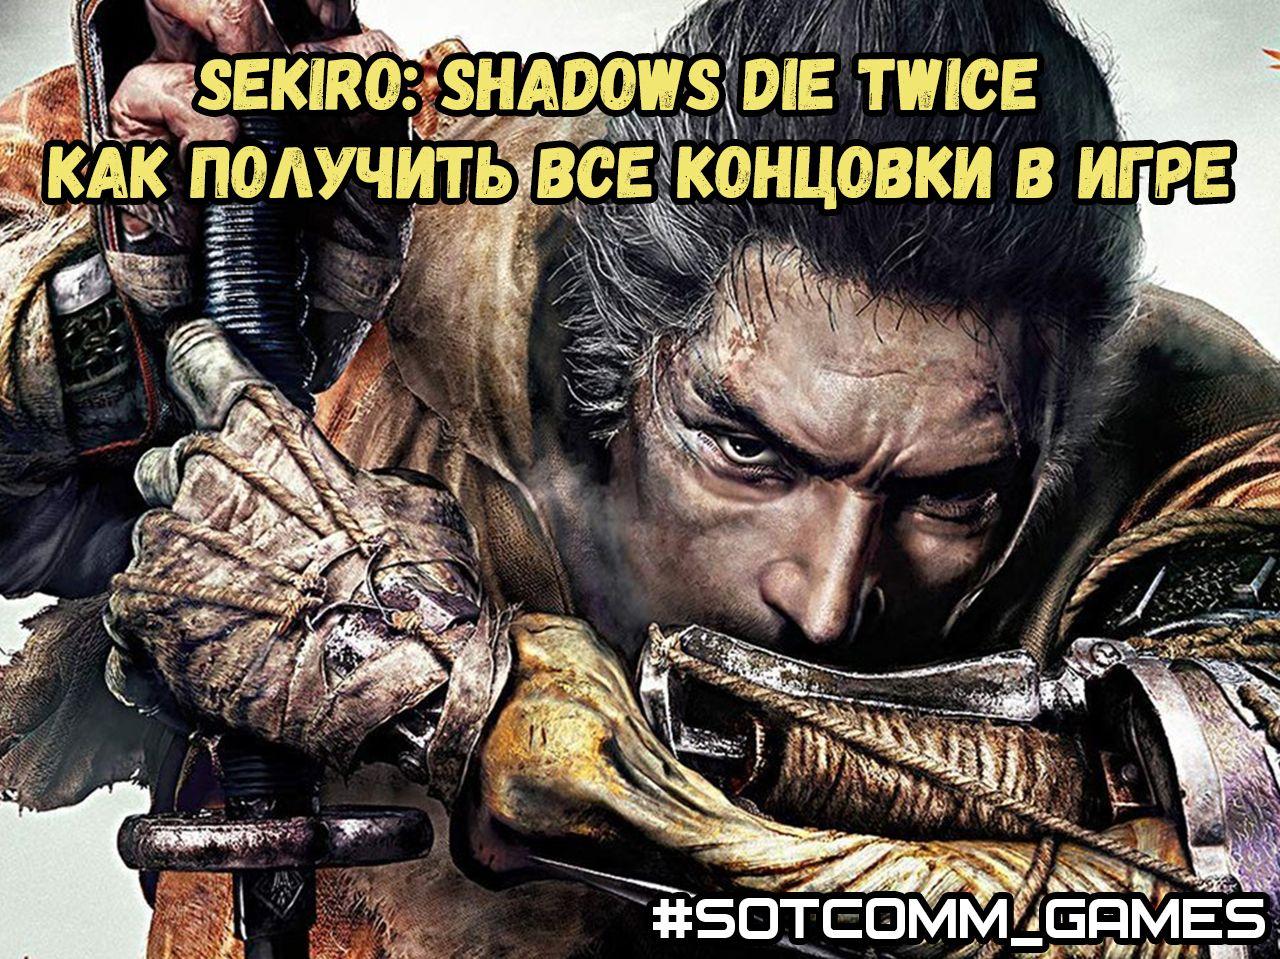 Sekiro: Shadows Die Twice — Как получить все концовки в игре